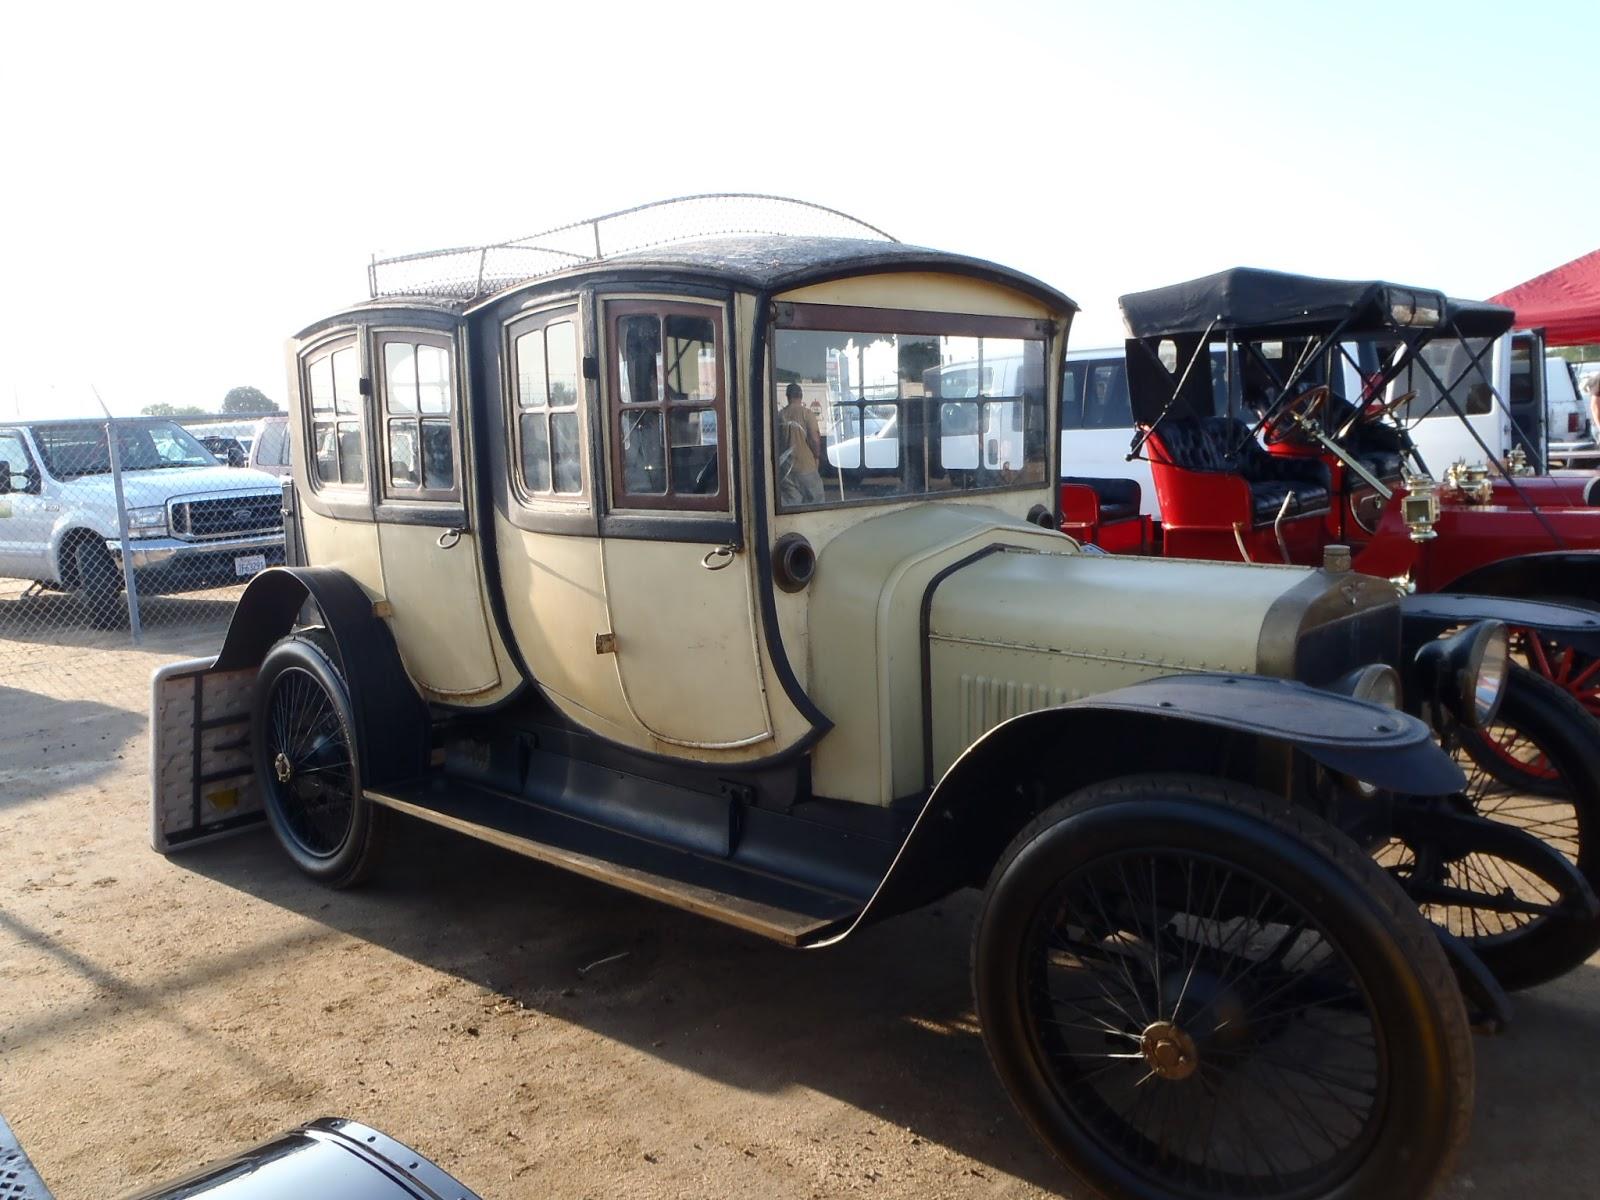 Fountainhead Antique Auto Museum: April 2013